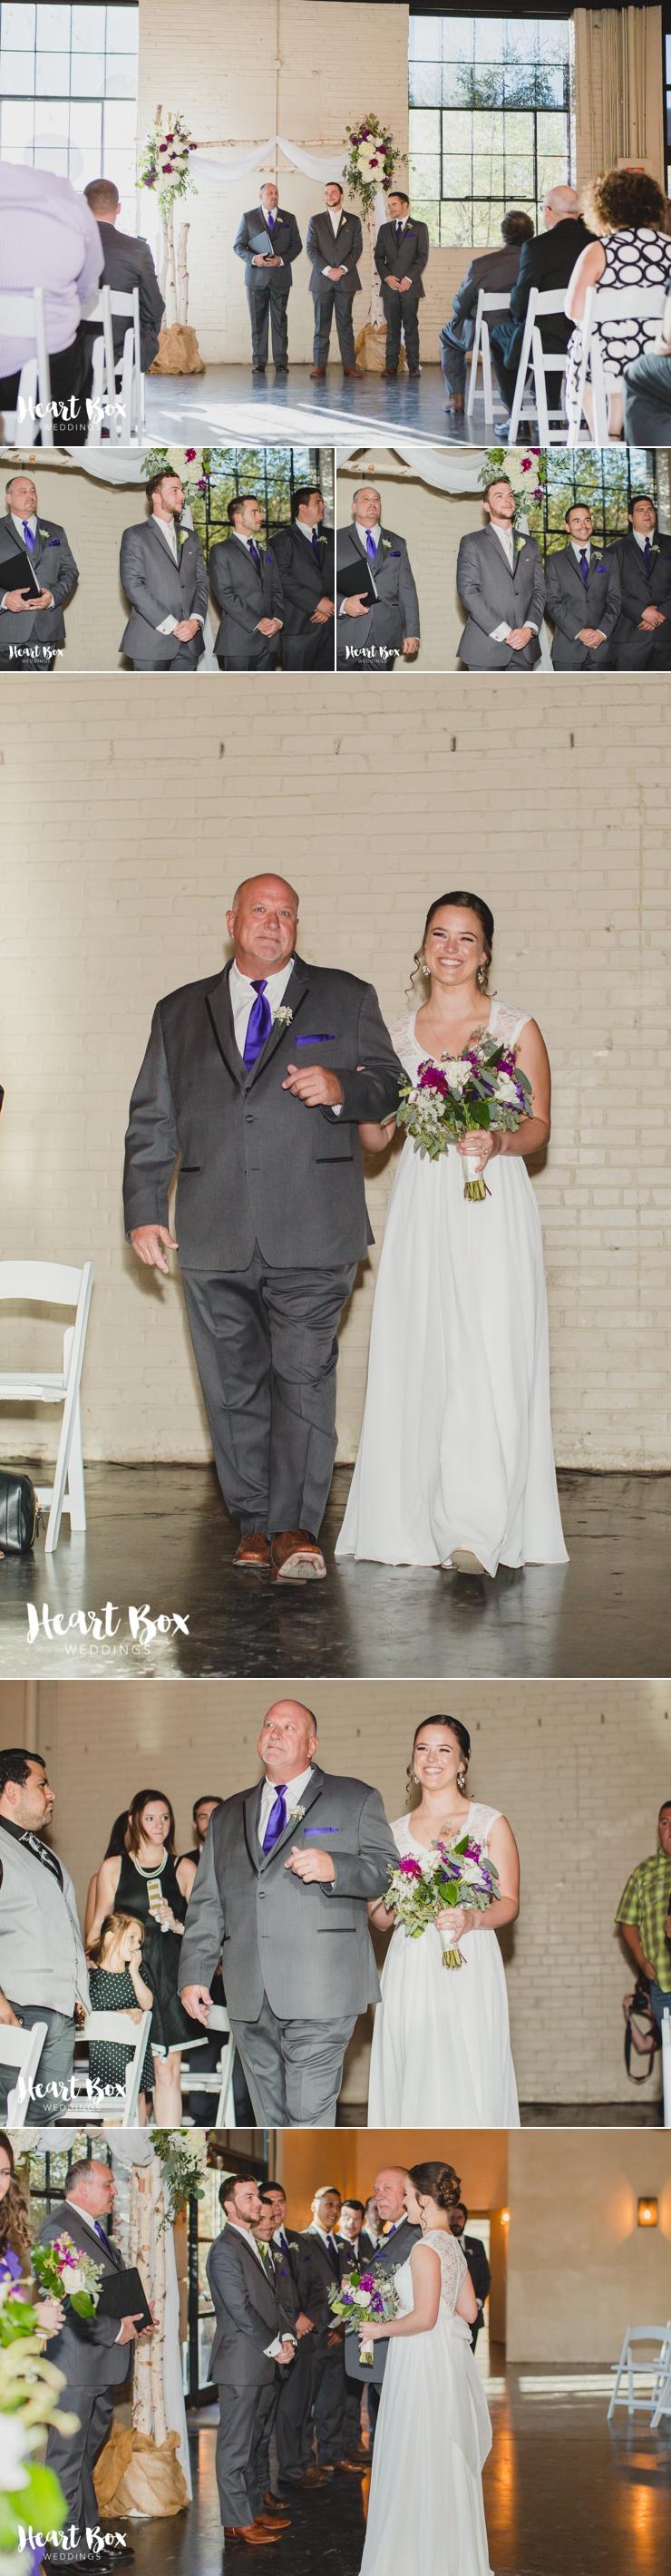 Hanson Wedding 5.jpg